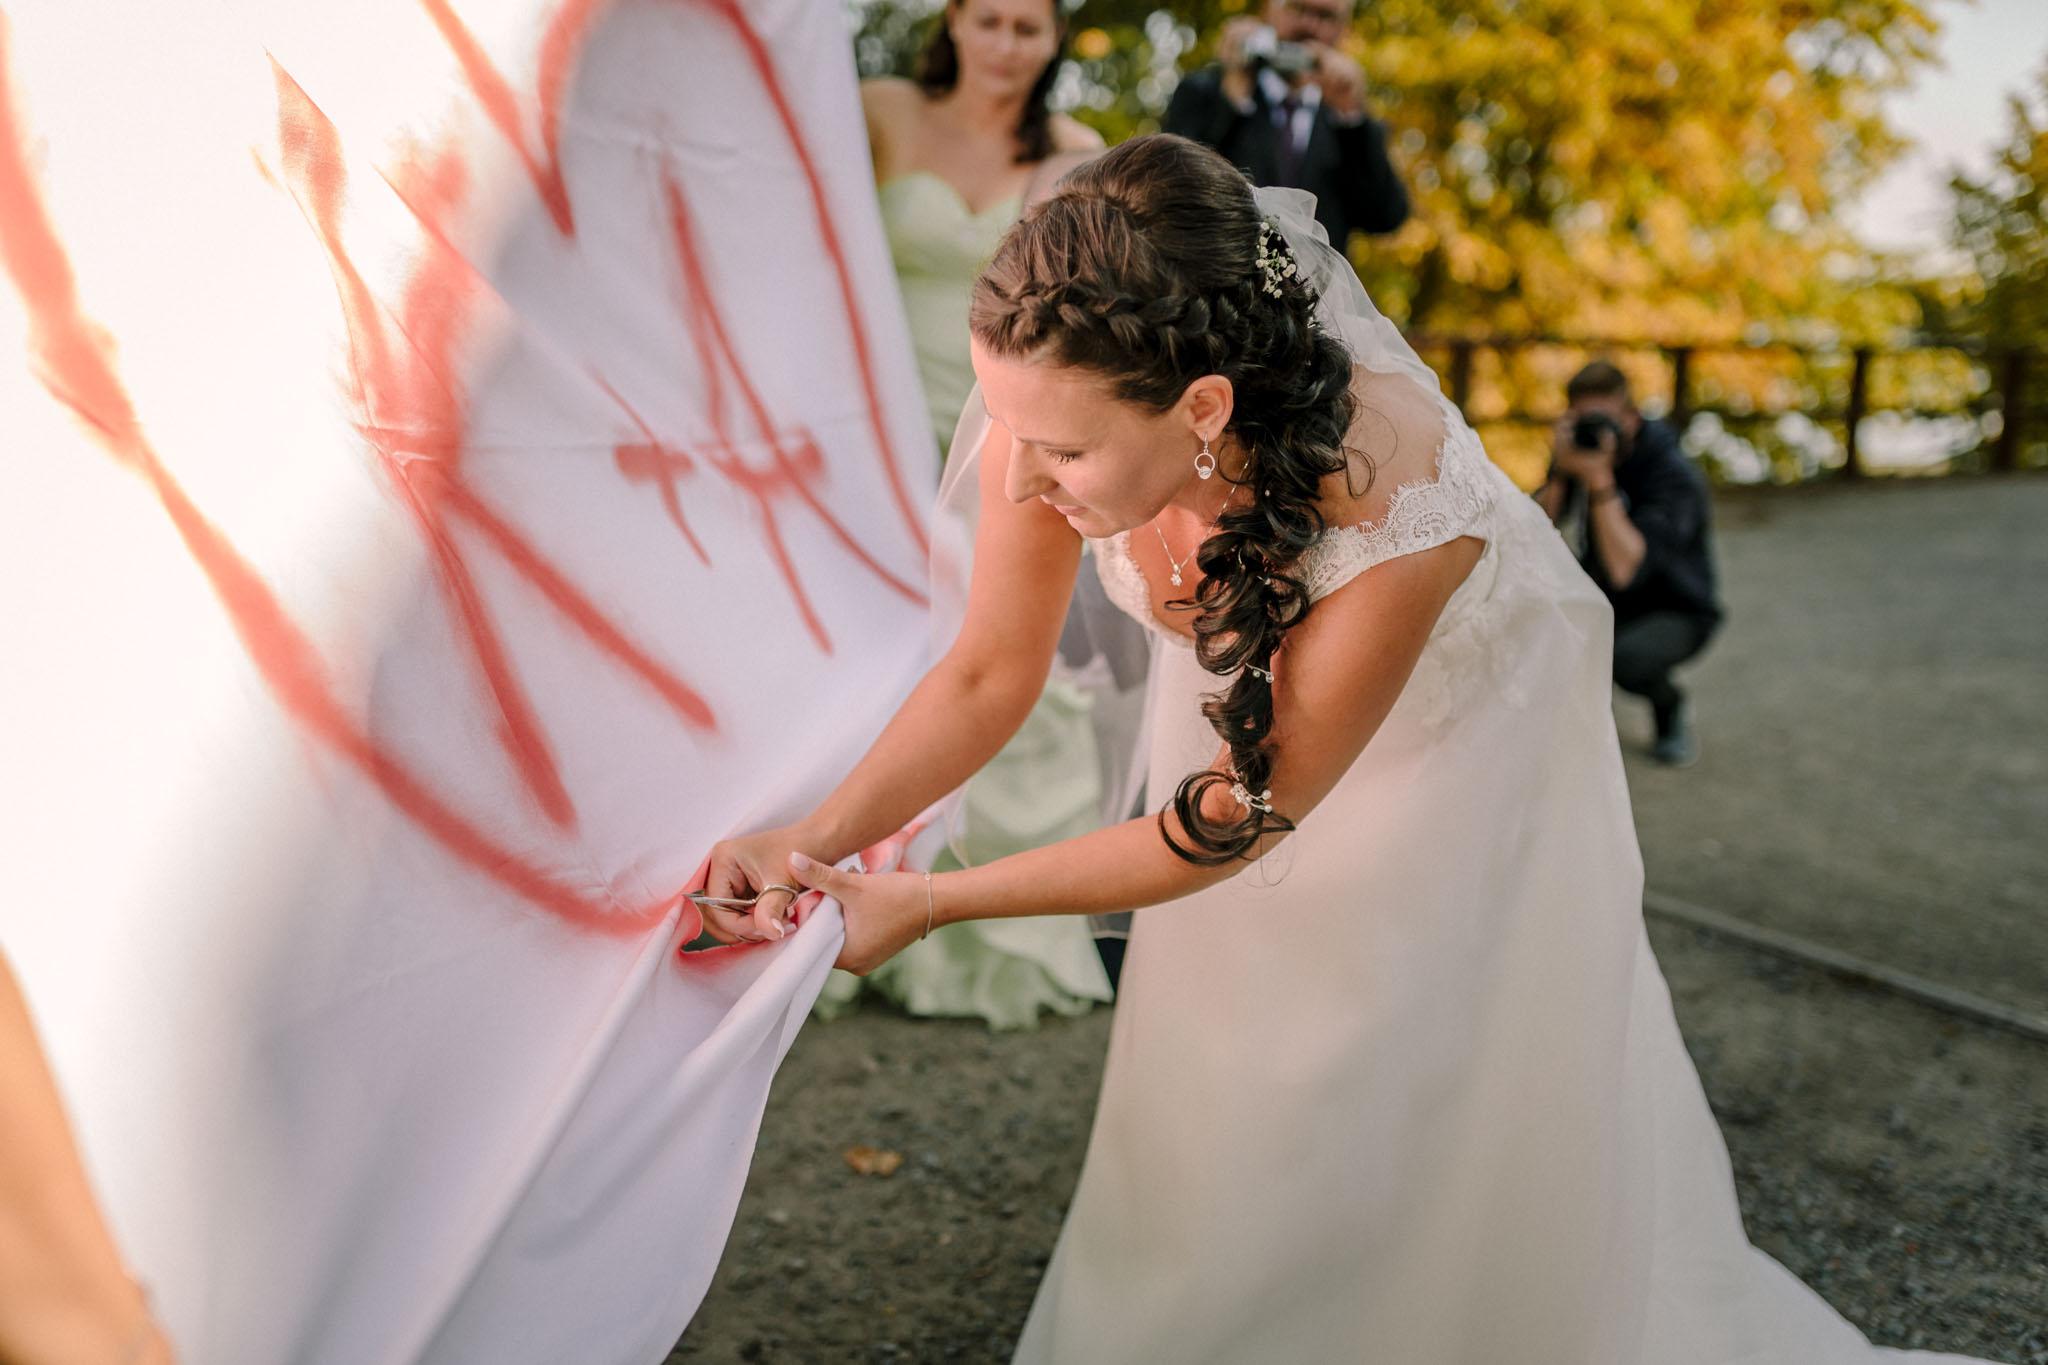 Hochzeitsfieber by Photo-Schomburg, Hochzeitsfotograf, Hamburg,Hochzeitstag, Hochzeitspaar, Braut, Bräutigam, Literaturhauscafe Zarrentin-61